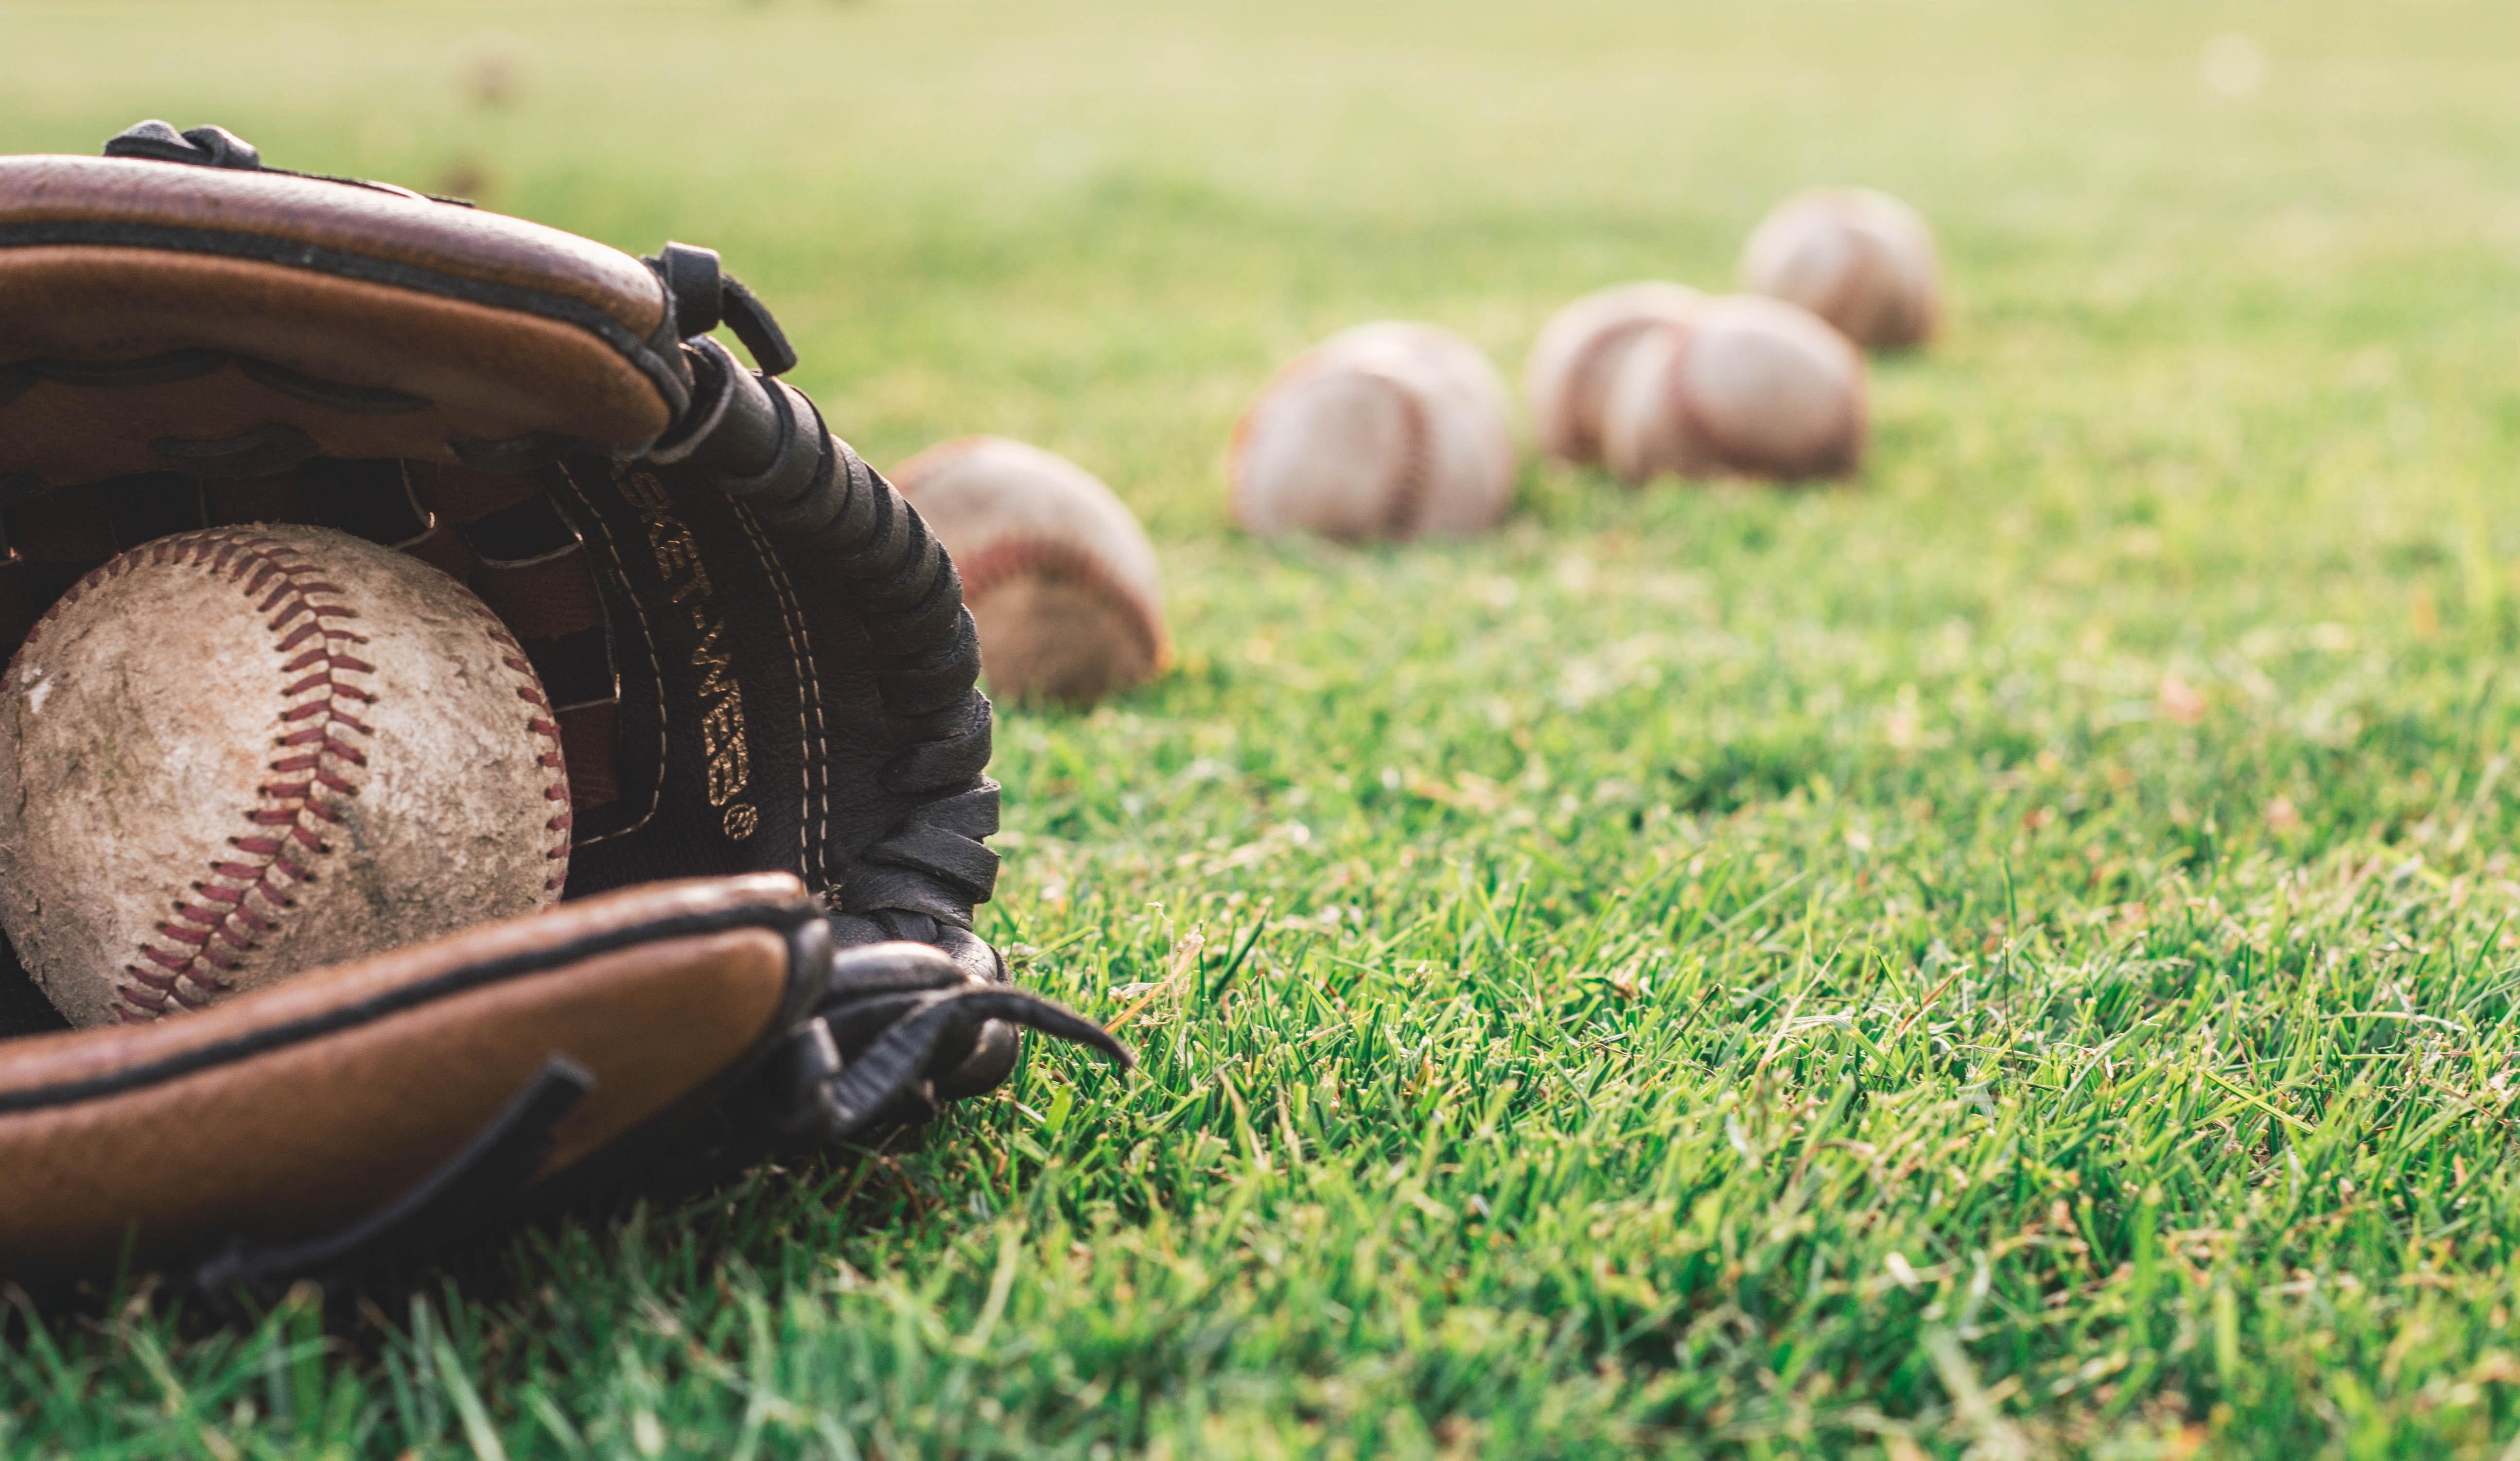 white-baseball-ball-on-brown-leather-baseball-mitt-1661950